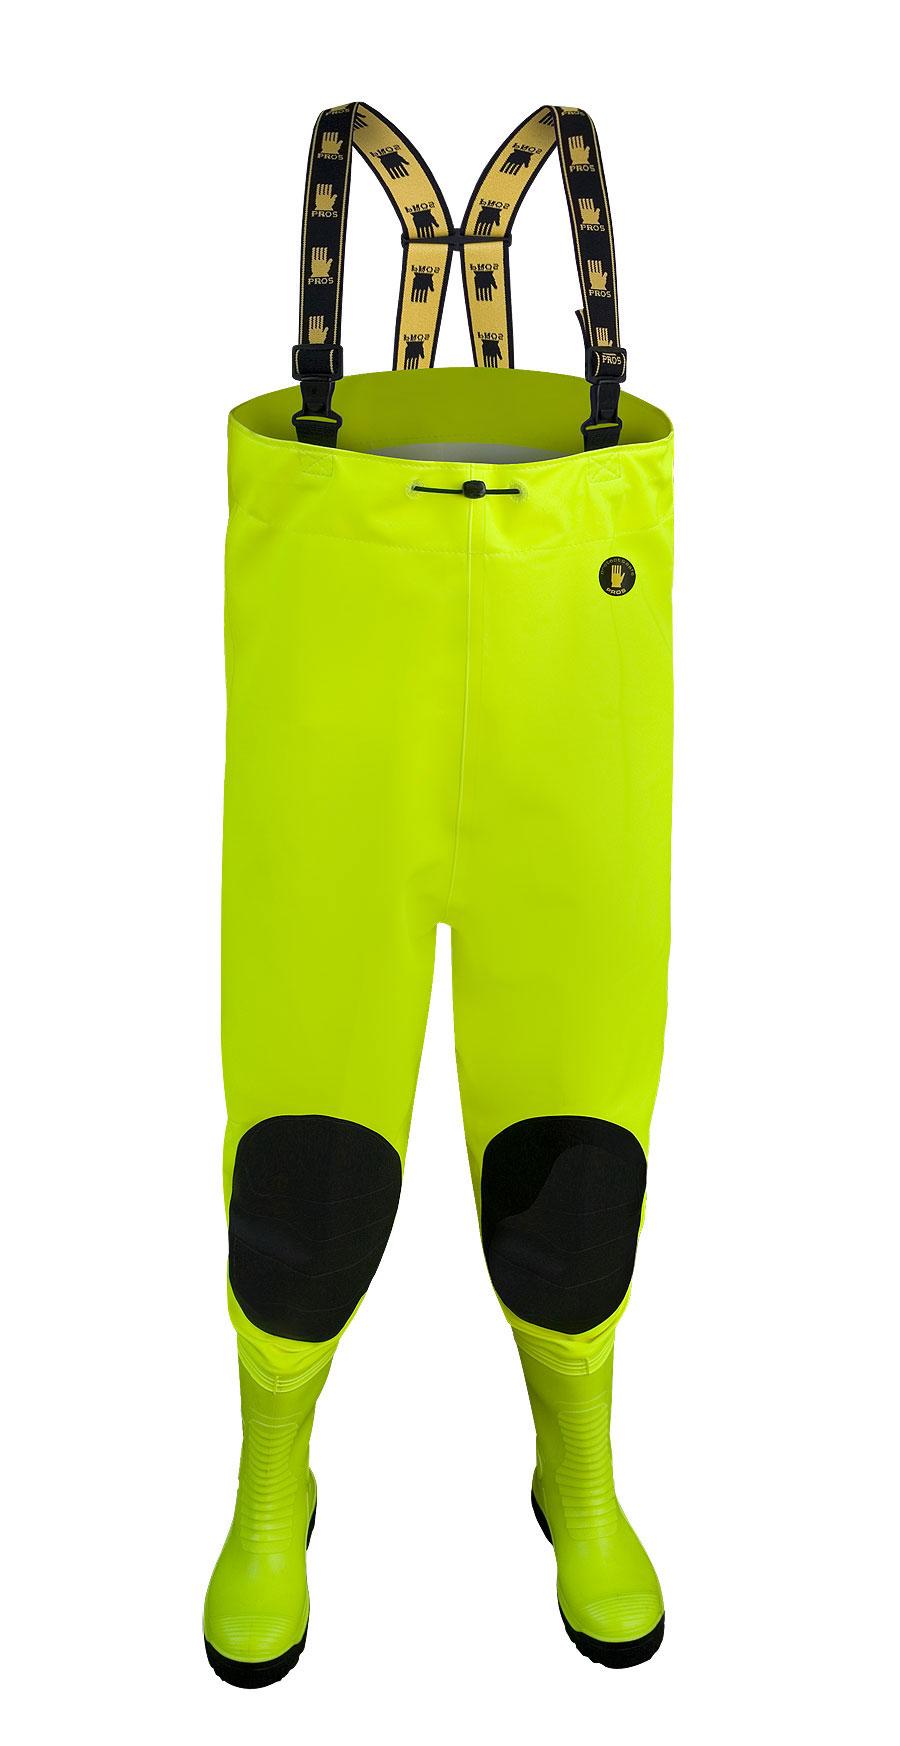 Brodící kalhoty MAX Fluo žluté vel.48    SBM01 Fluo žl.  PROS